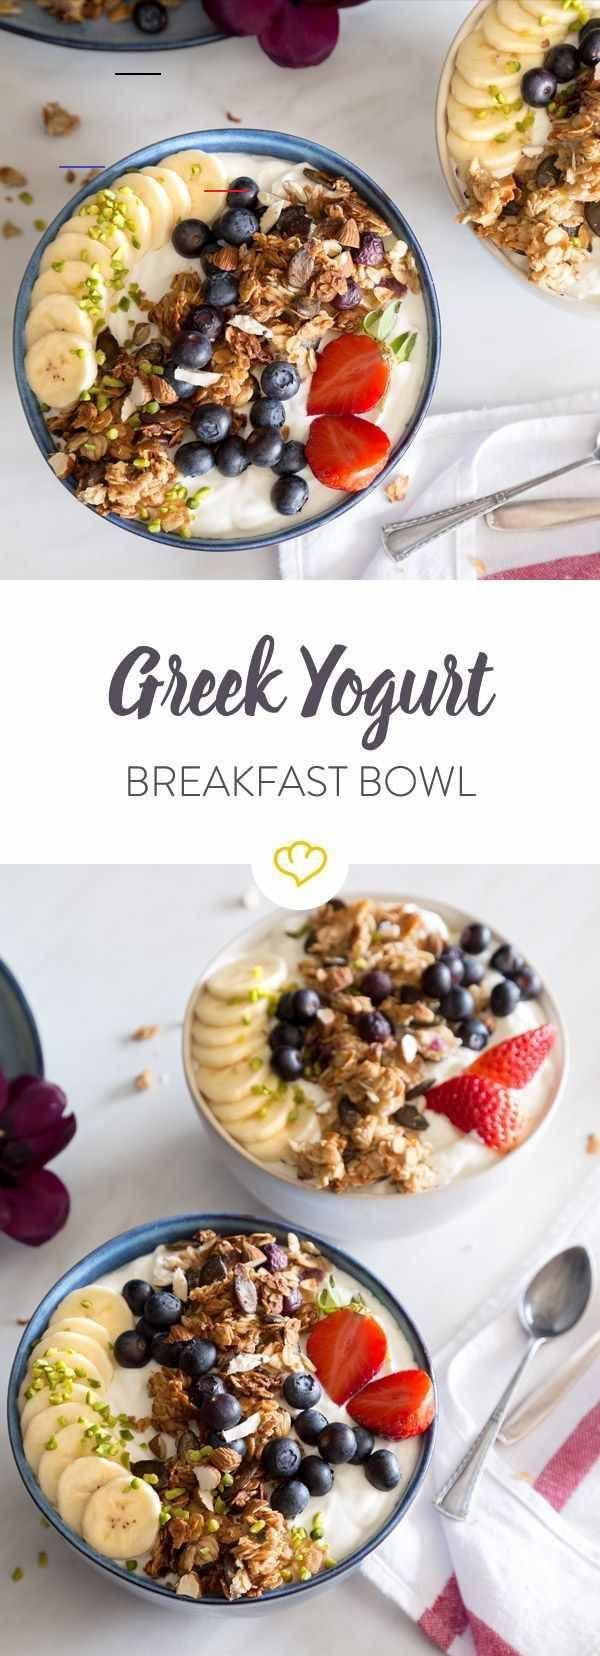 Joghurt frisch aus dem Olymp: 5 Greek Yogurt Bowls In diese Greek Yogurt Breakfast Bowl kommen noch...